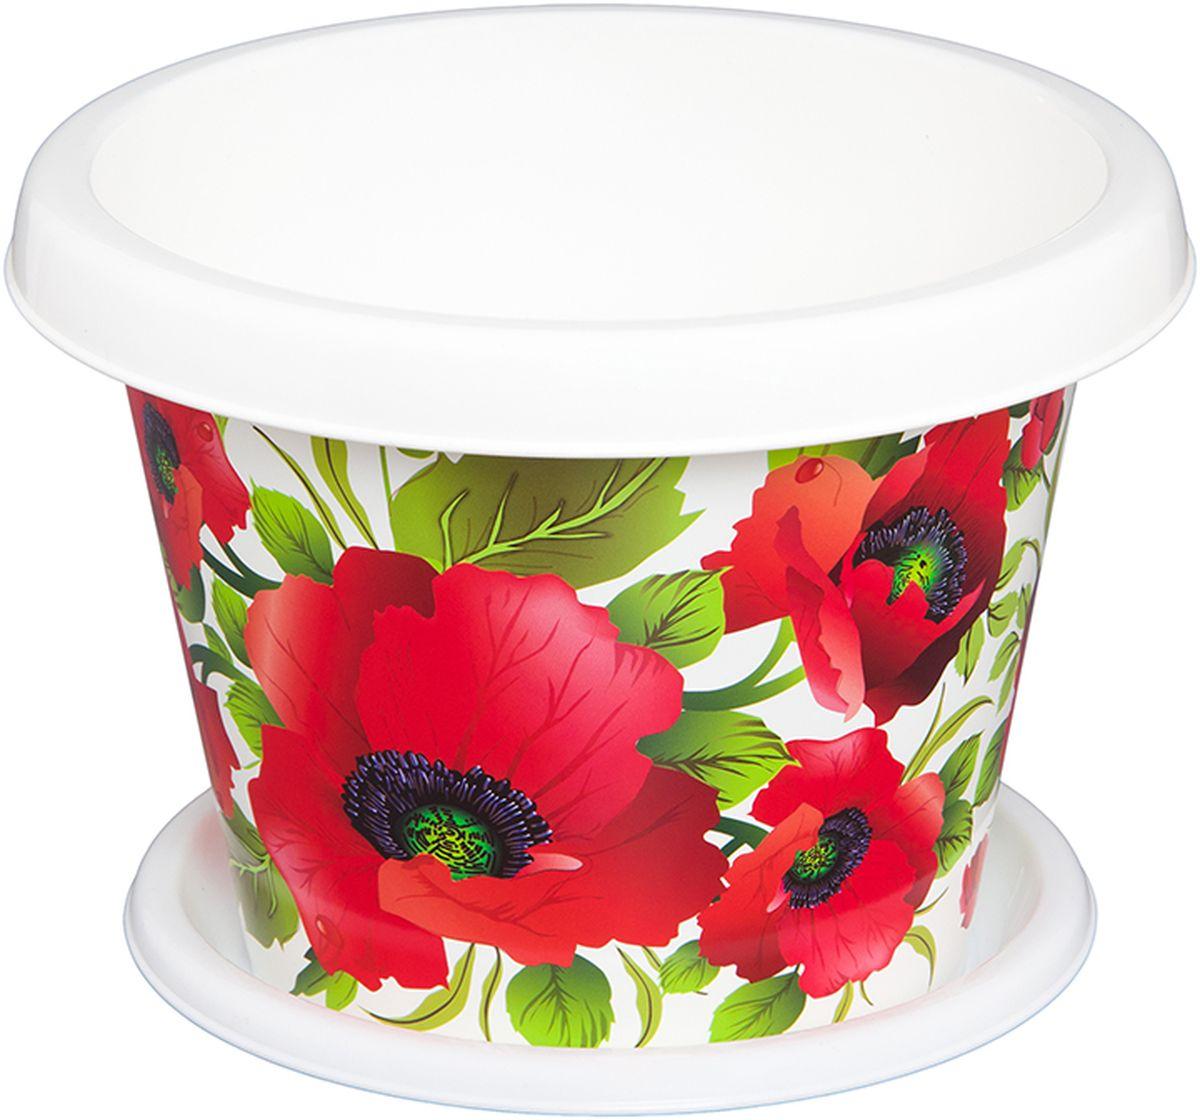 Кашпо Violet Маки, с поддоном, 2 л531-303Кашпо Violet изготовлено из высококачественного пластика. Специальный поддон предназначен для стока воды. Изделие прекрасно подходит для выращивания растений и цветов в домашних условиях. Лаконичный дизайн впишется в интерьер любого помещения.